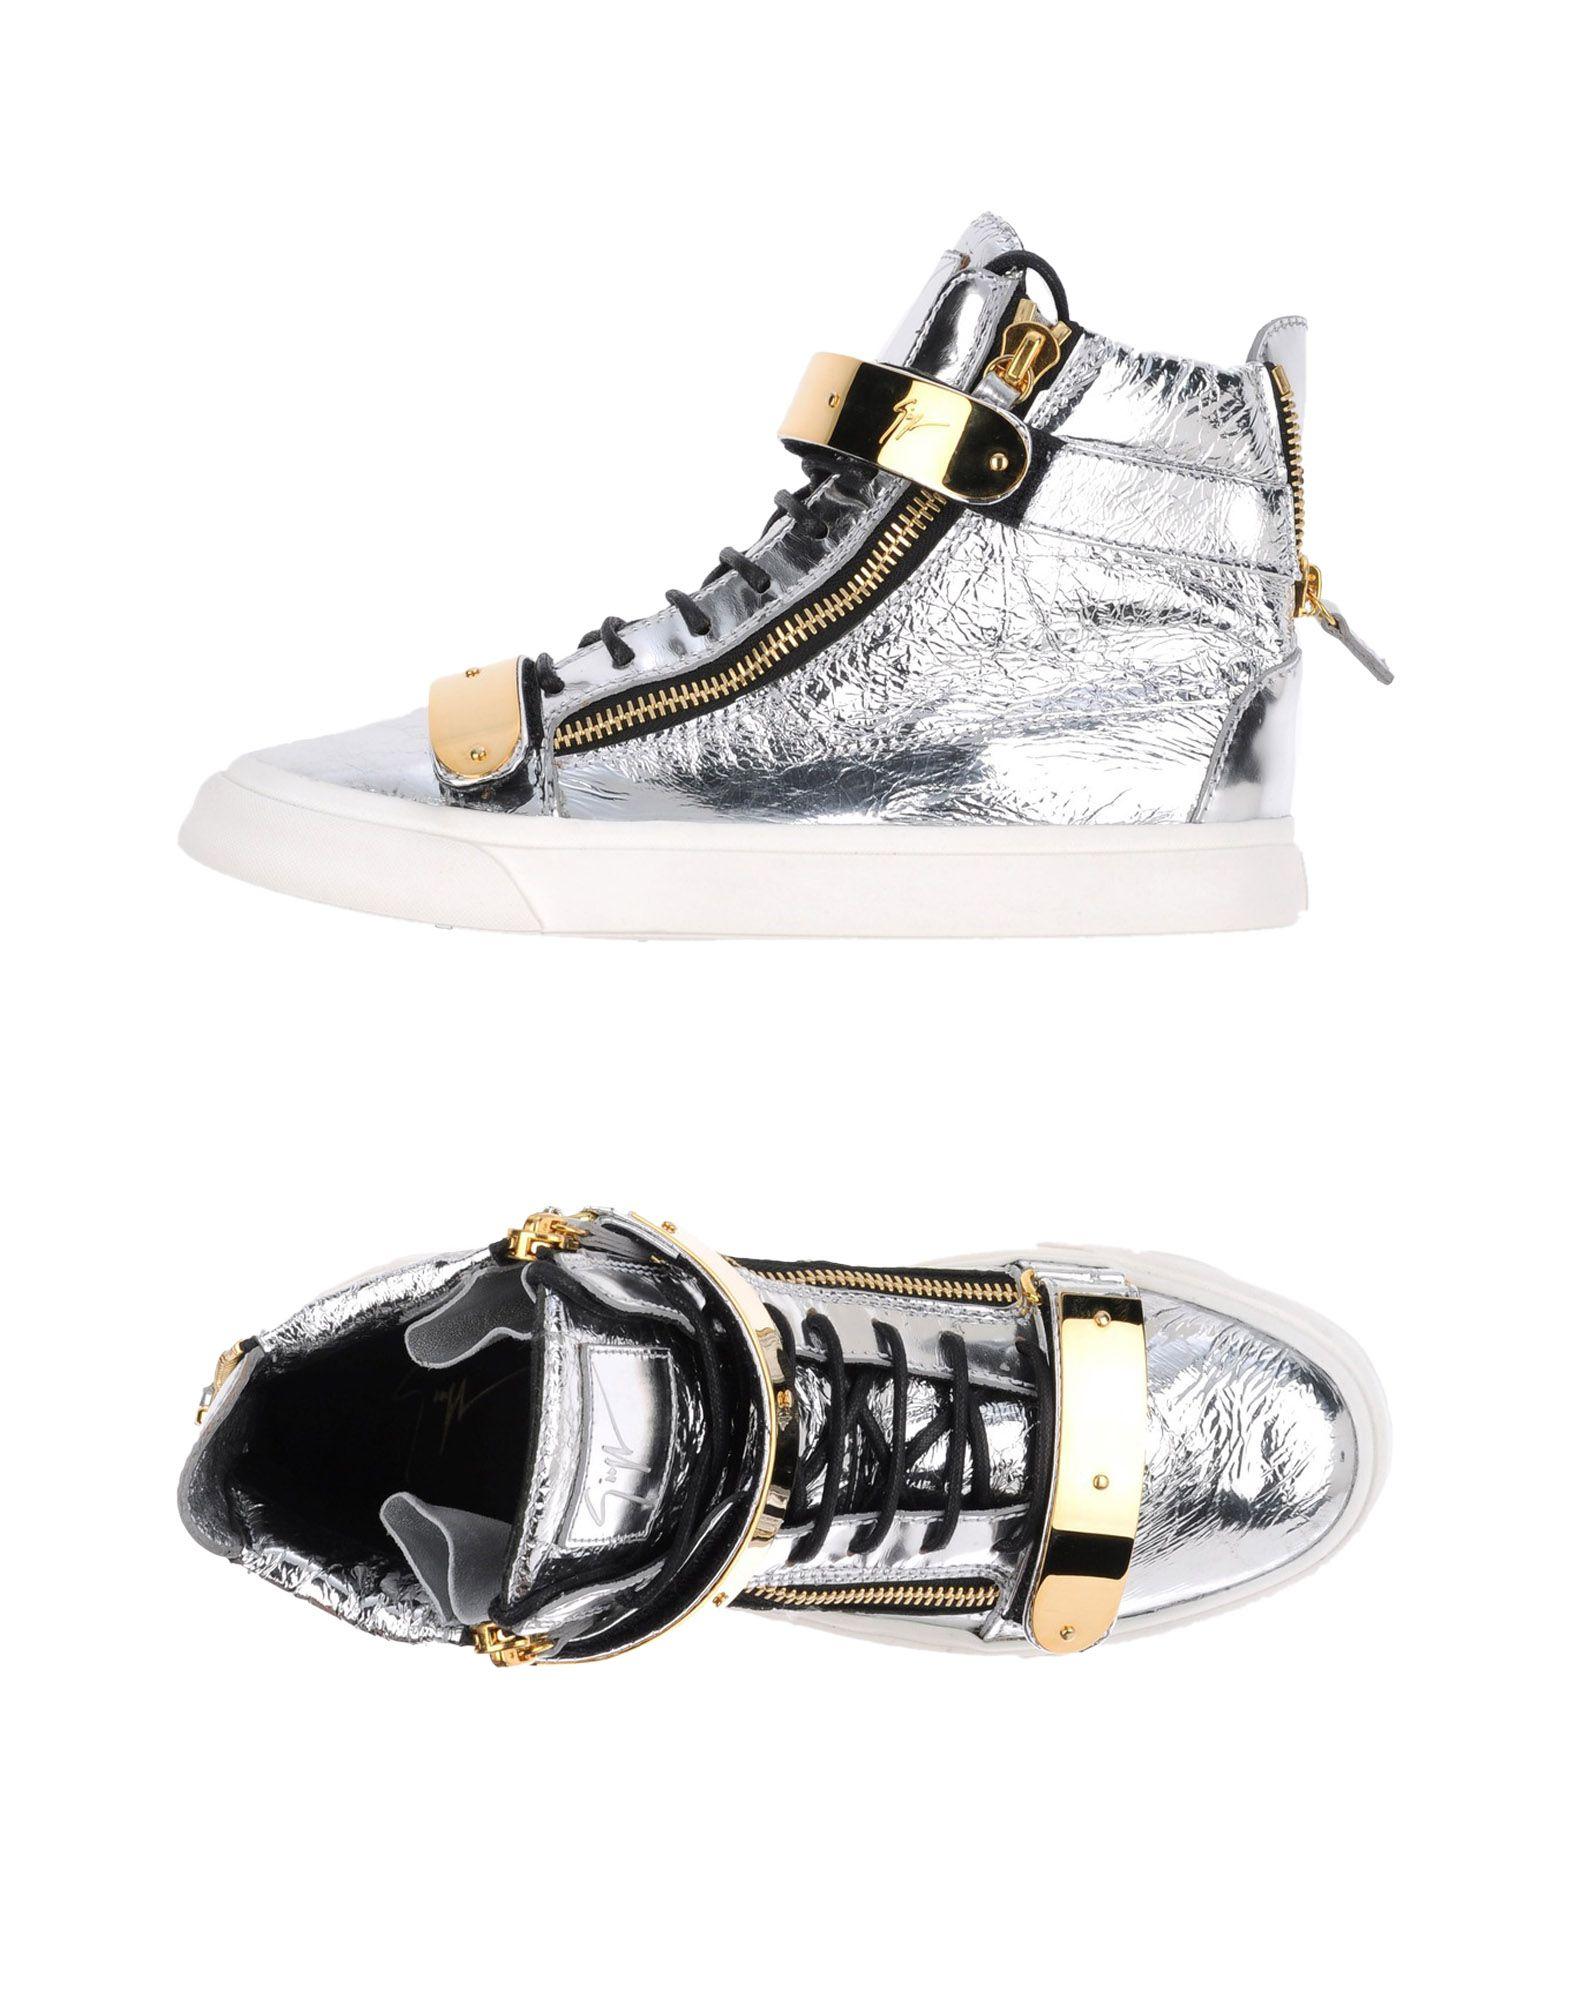 Giuseppe Zanotti Sneakers Herren Gutes 6754 Preis-Leistungs-Verhältnis, es lohnt sich 6754 Gutes 669dd1